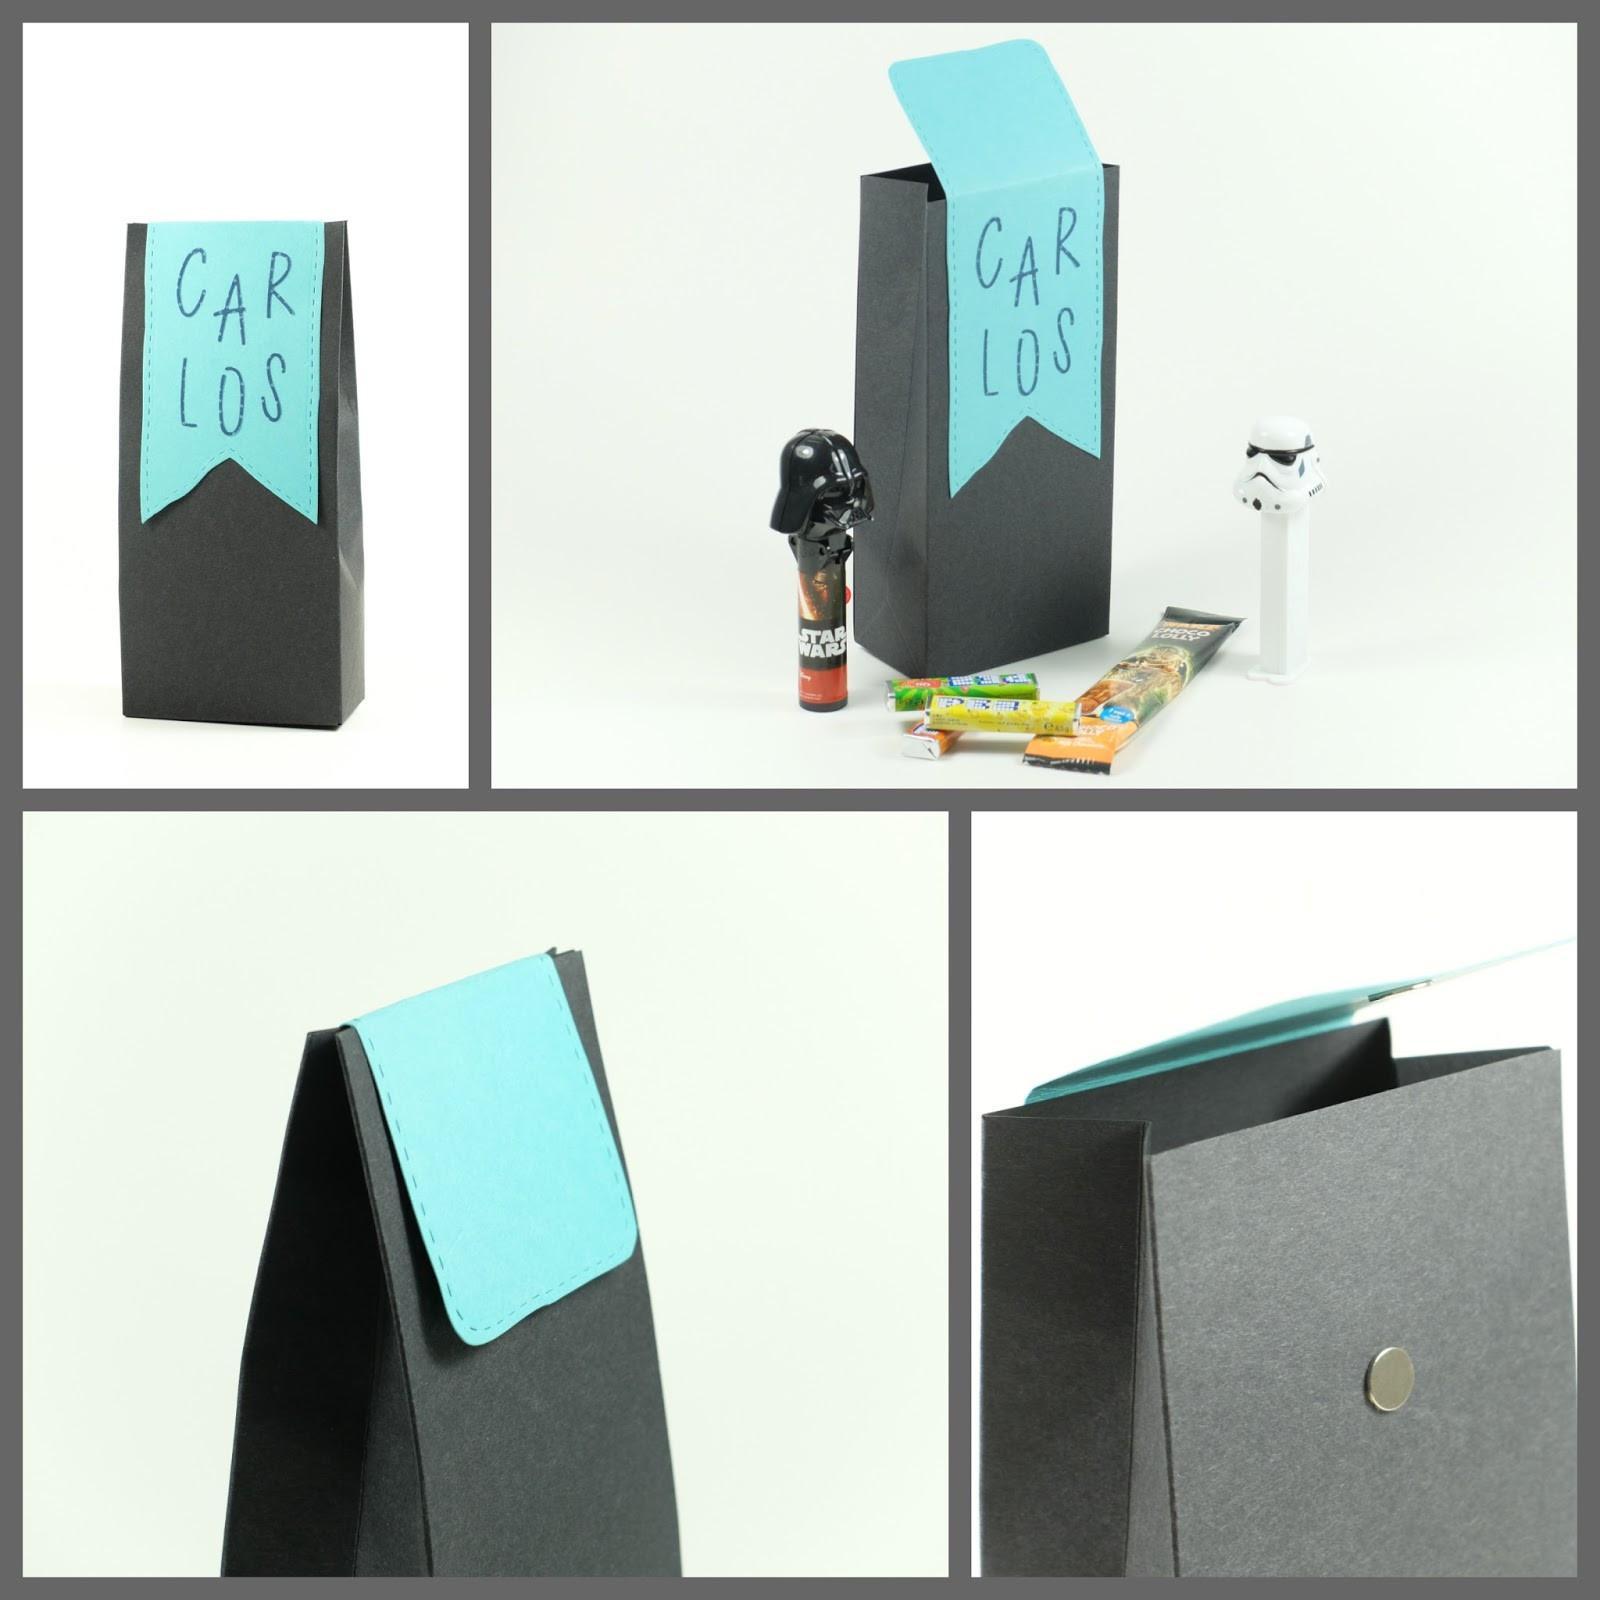 Geburtstagsgeschenk Für Bruder  leine design Einschulungsgeschenk für Bruder